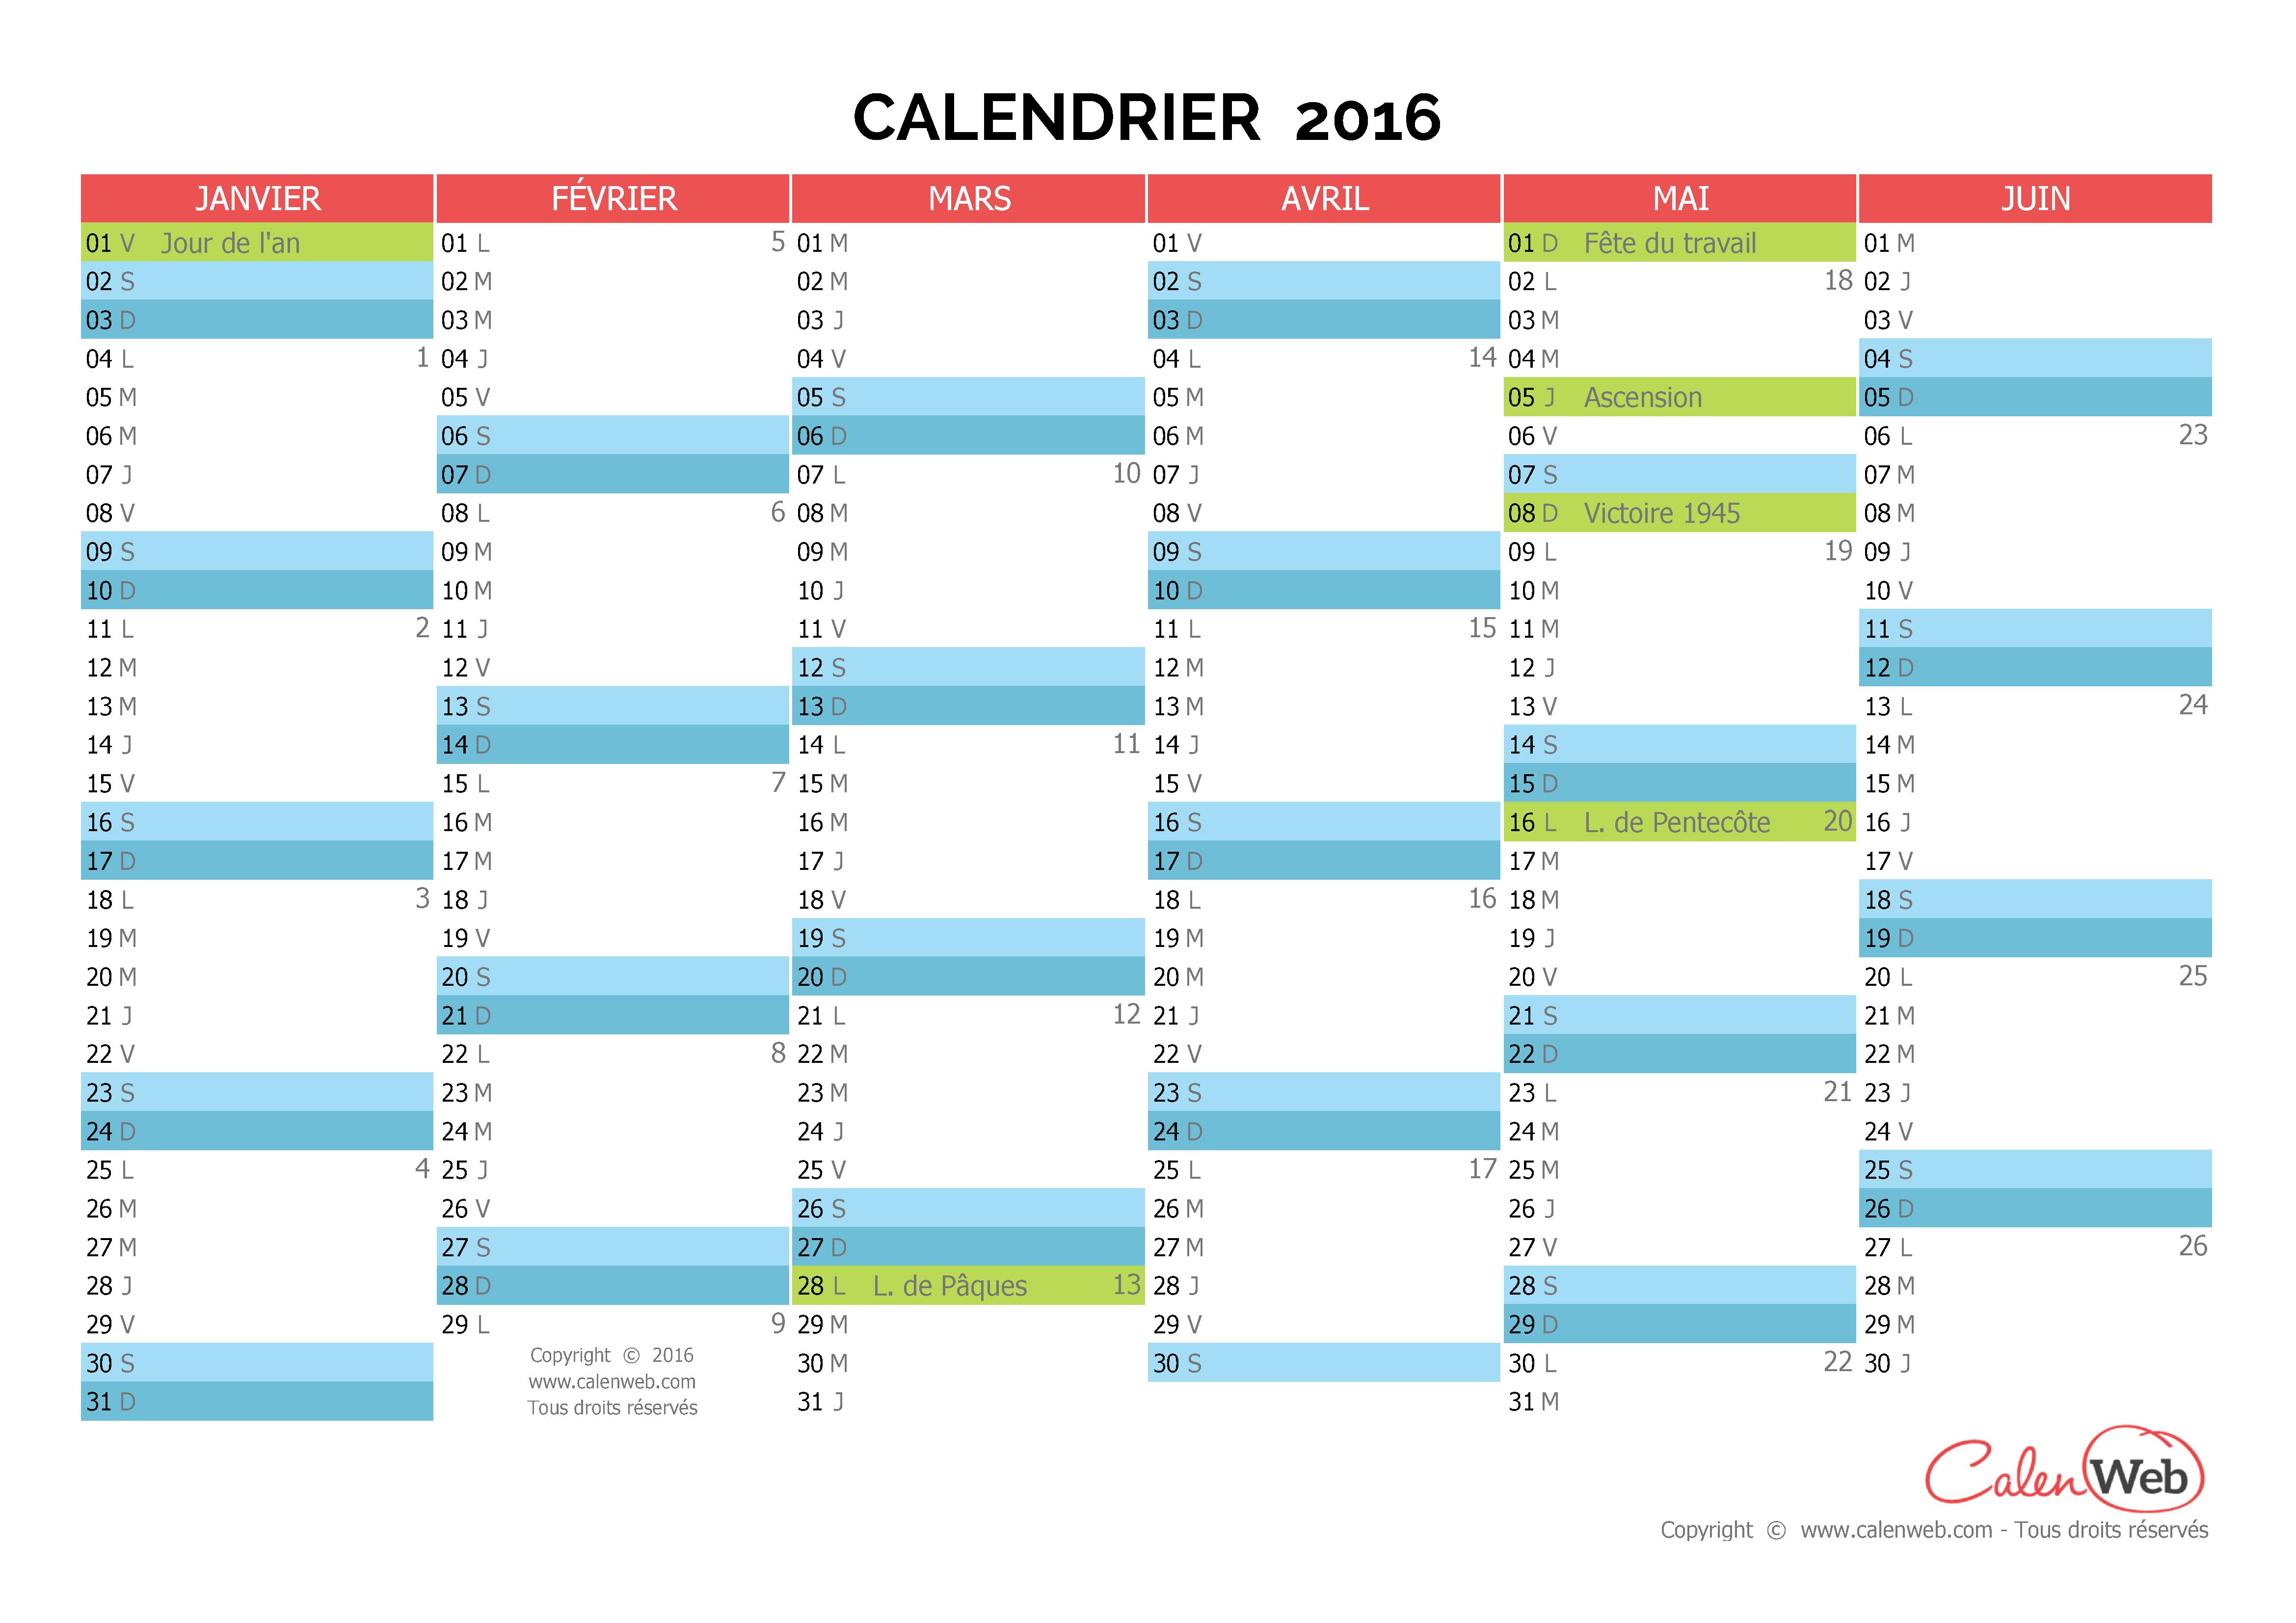 calendrier semestriel ann e 2016 avec affichage des. Black Bedroom Furniture Sets. Home Design Ideas